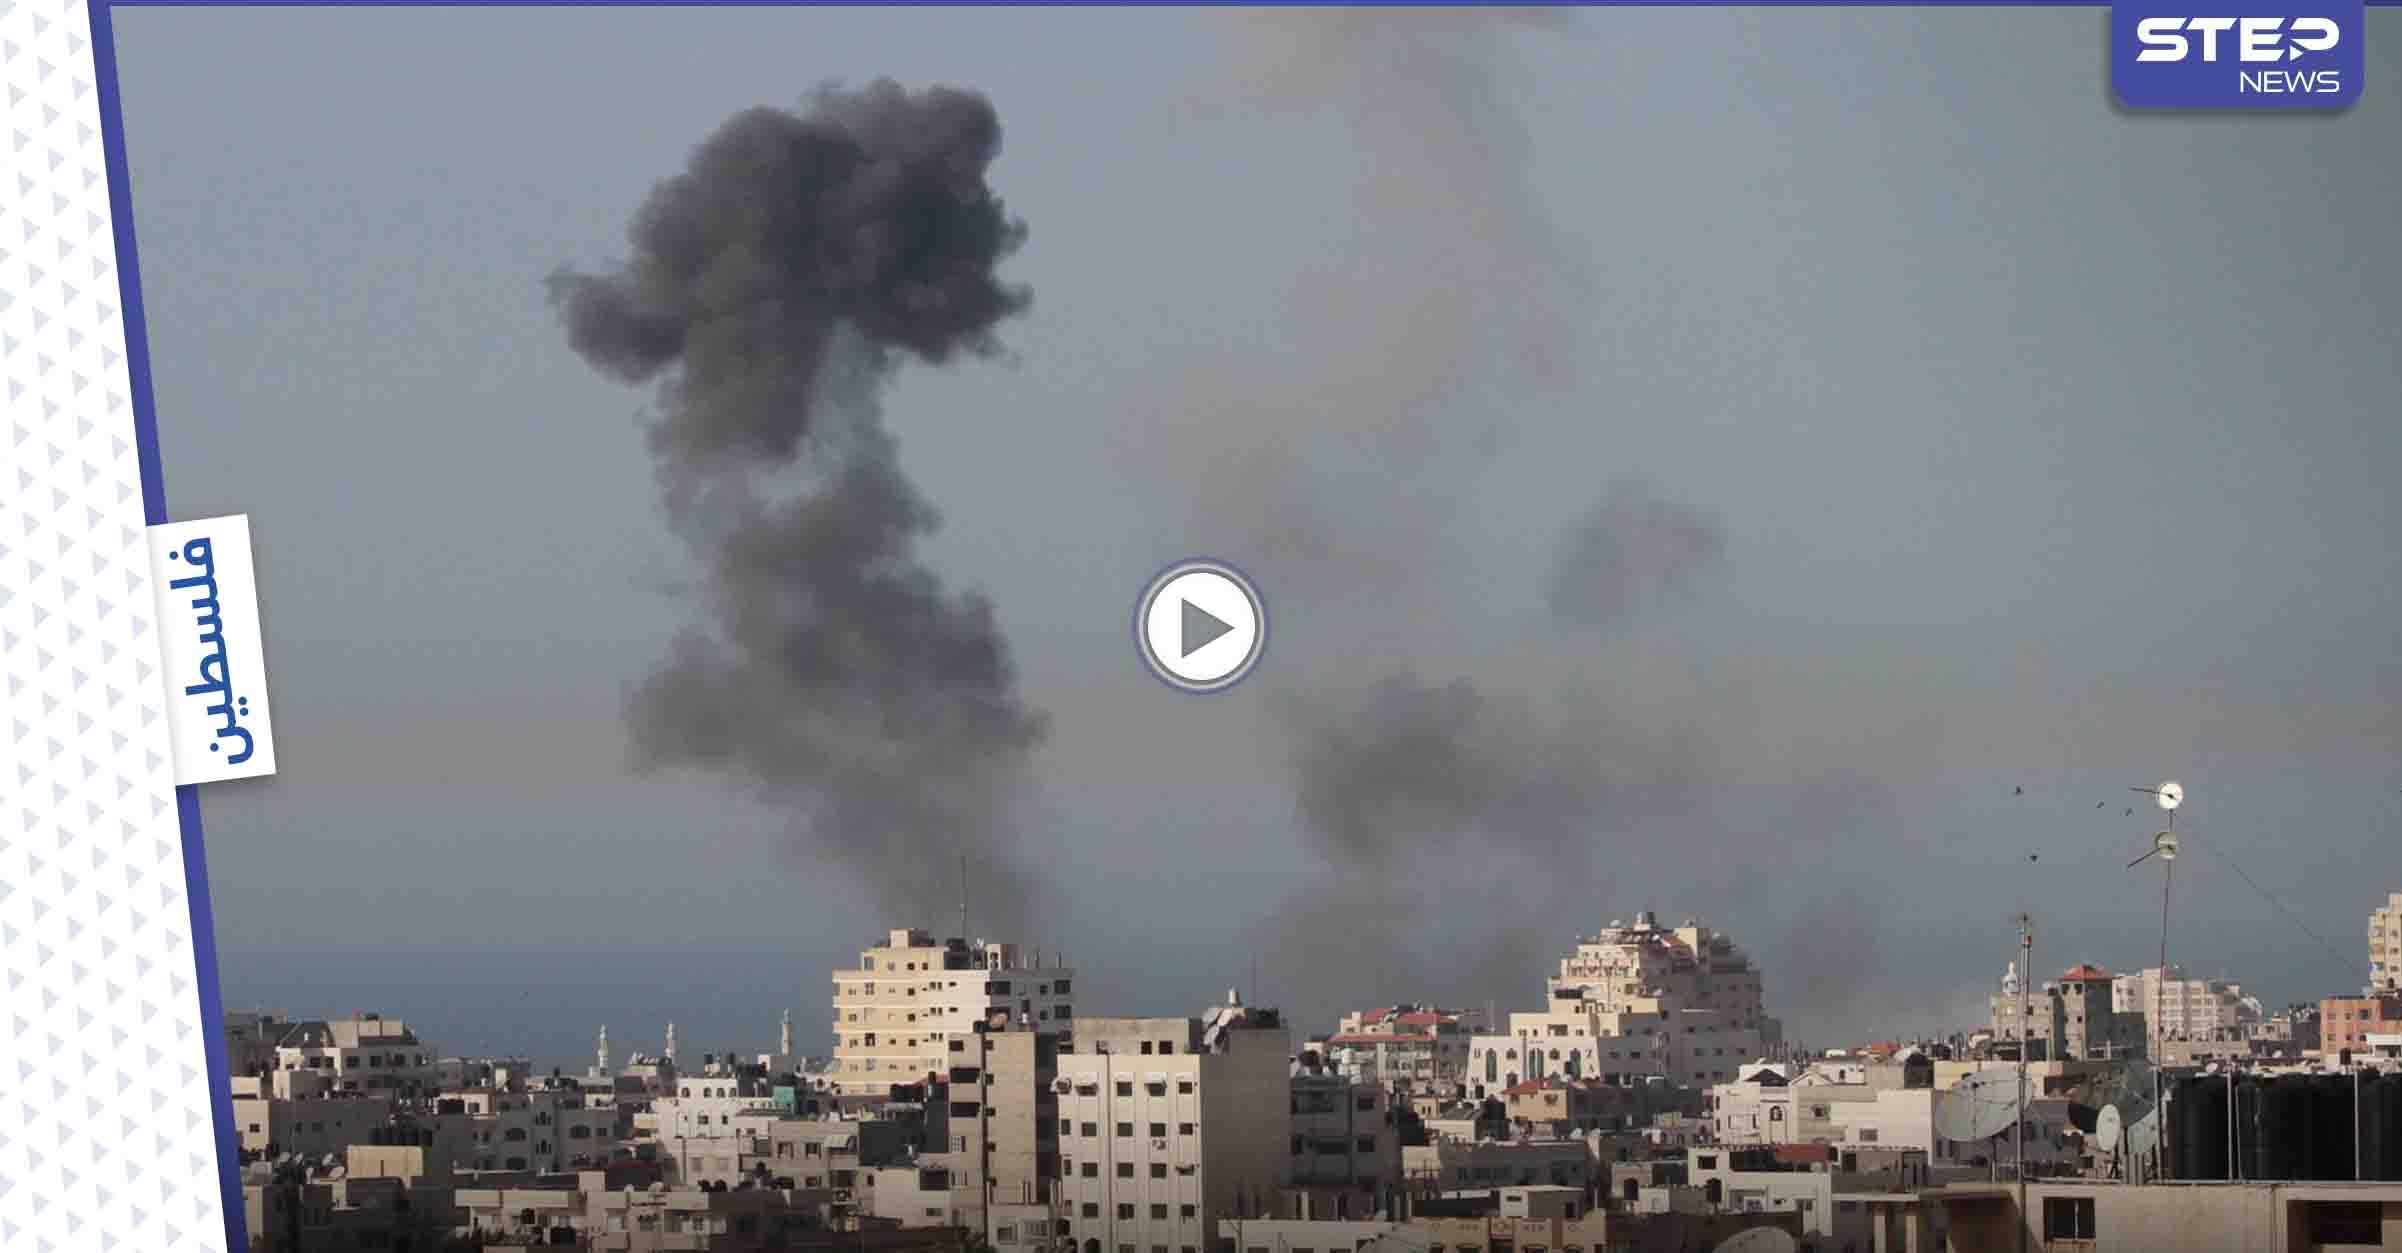 بالفيديو || قصف مكثّف على غزة.. استهداف مبانٍ مدنية وحكومية وارتفاع في حصيلة الضحايا